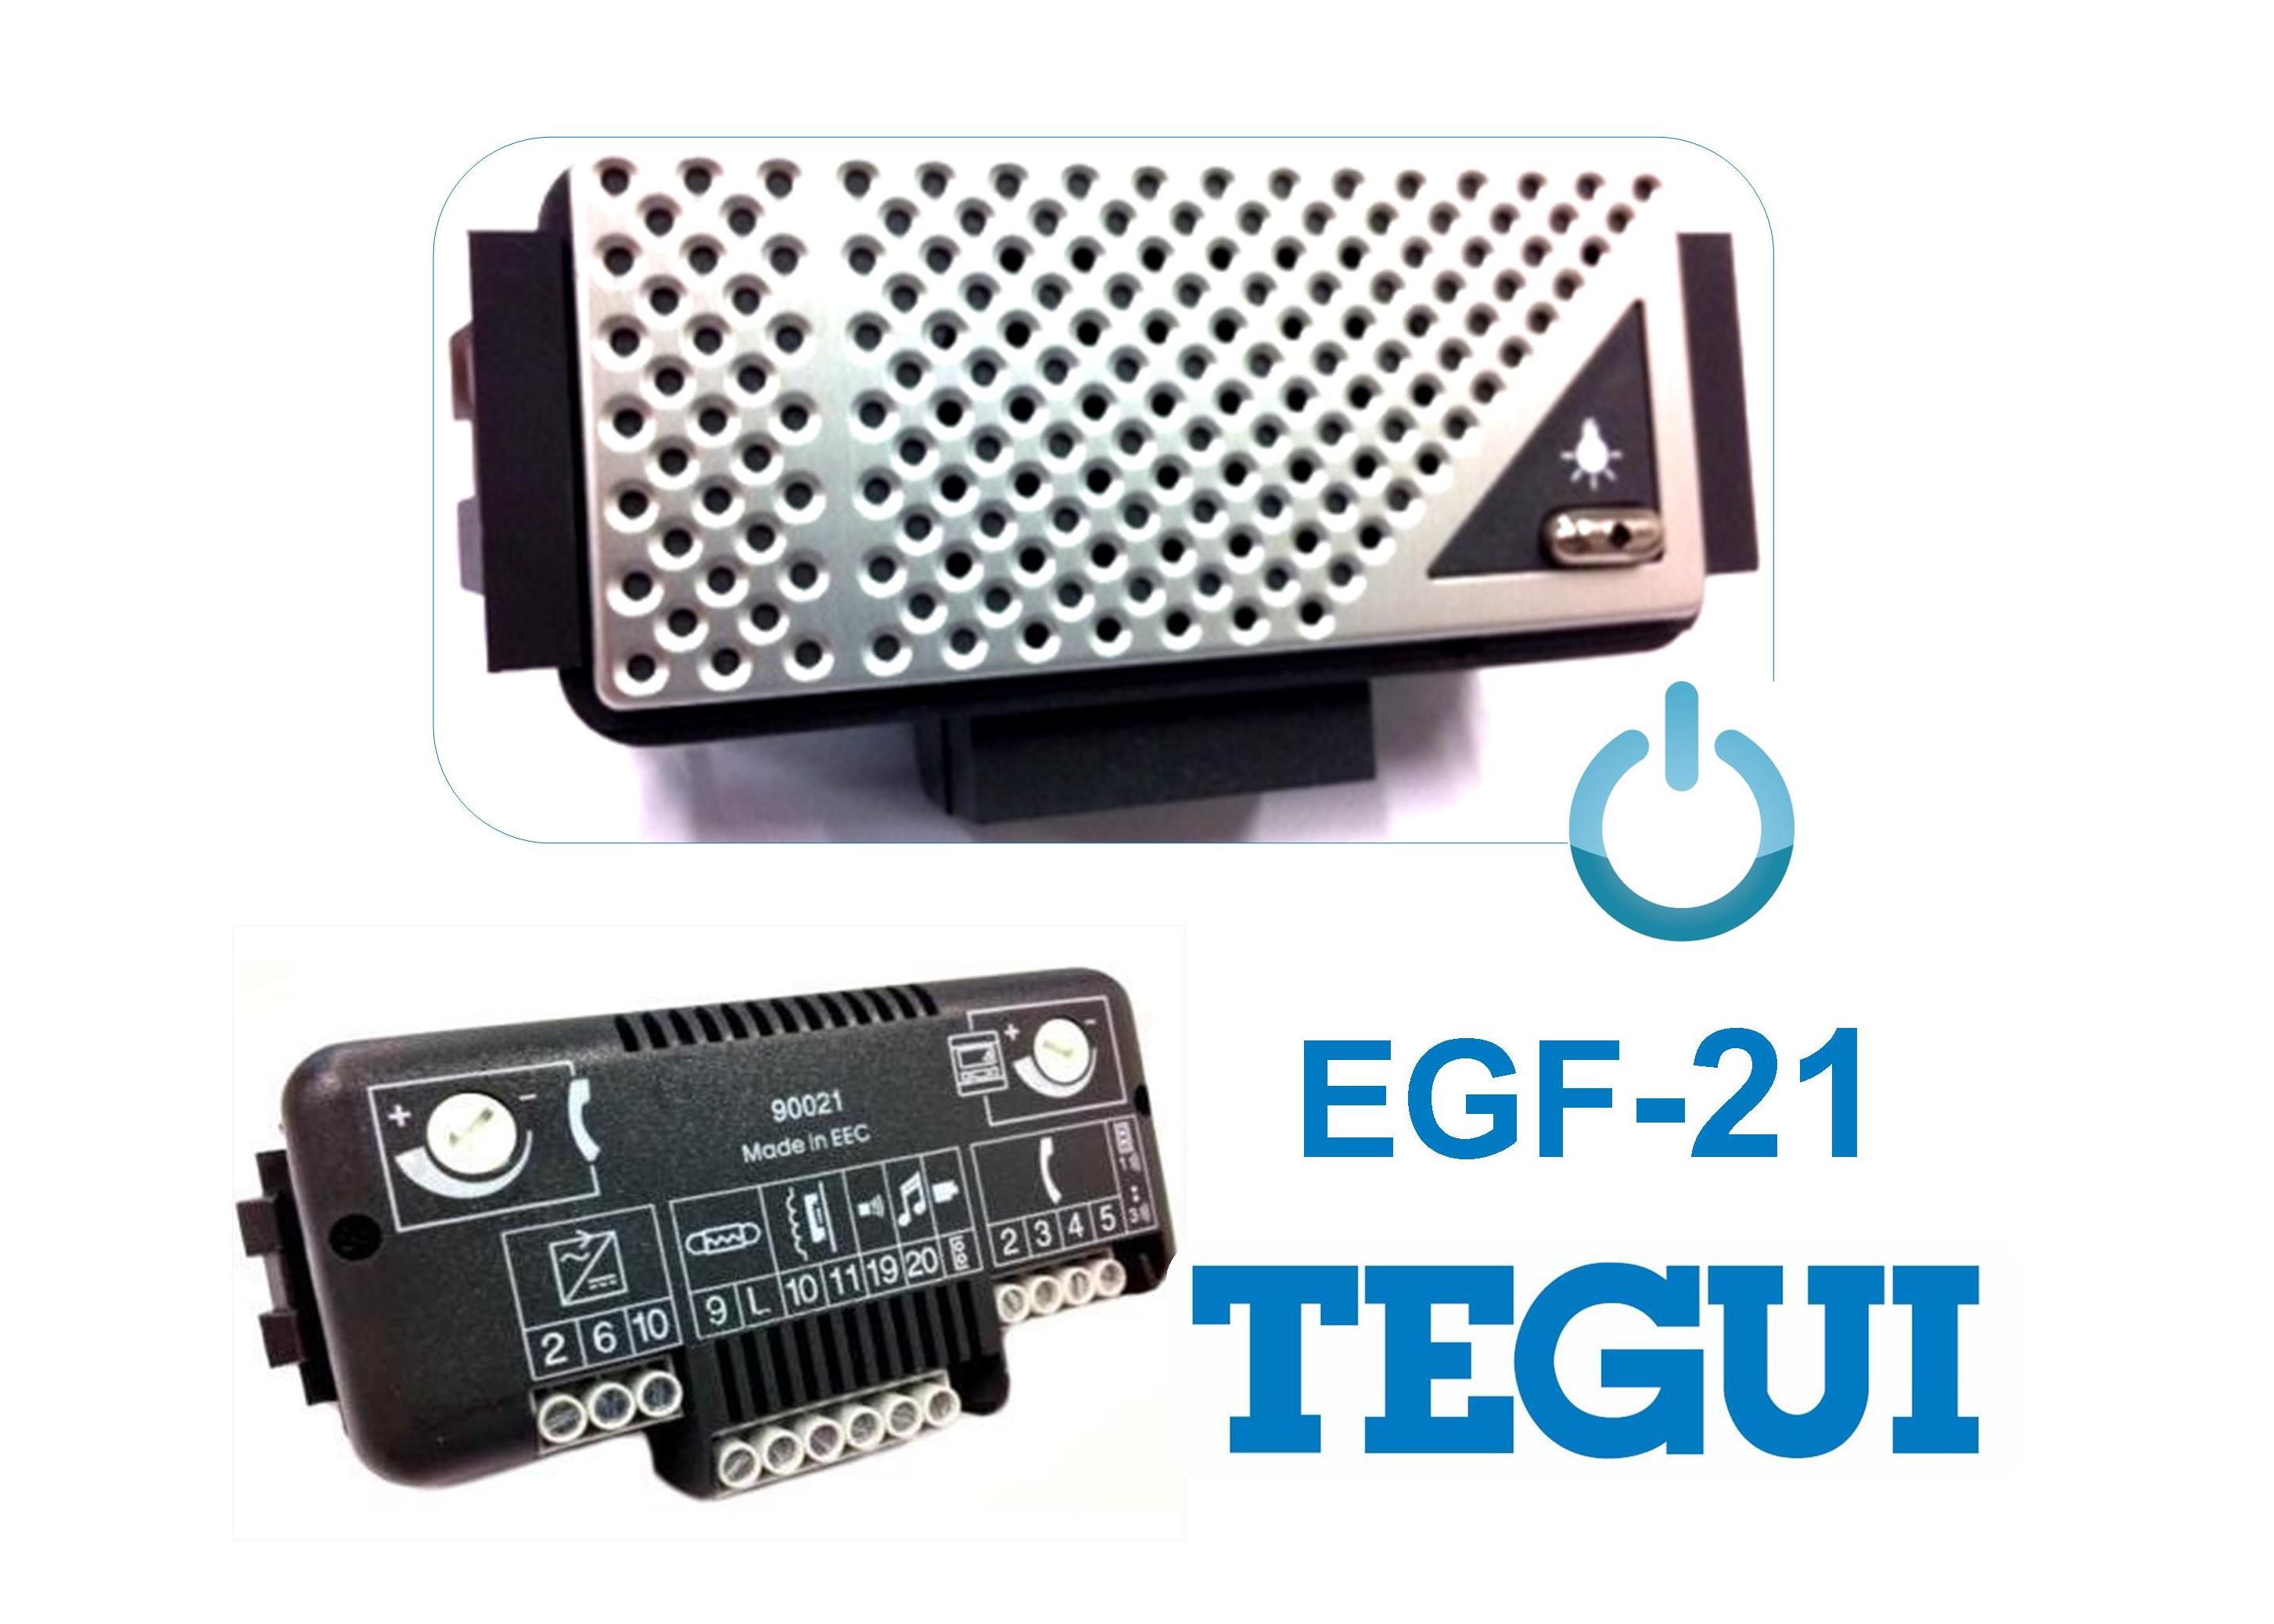 Grupo Fónico EGF-21